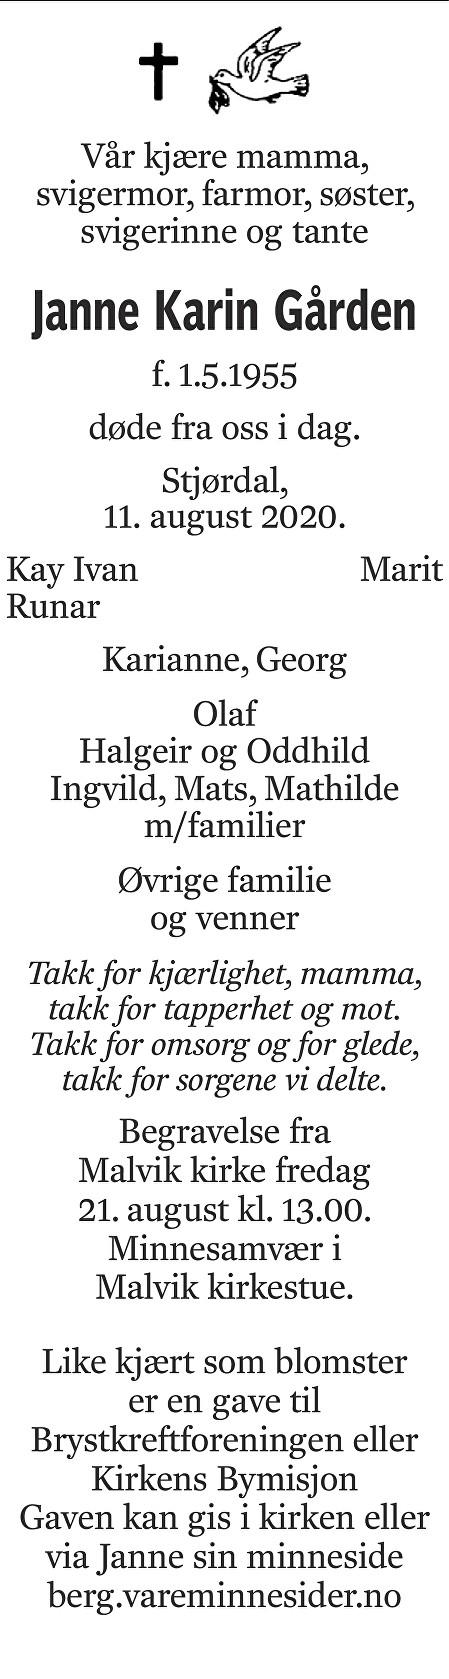 Janne Karin Gården Dødsannonse